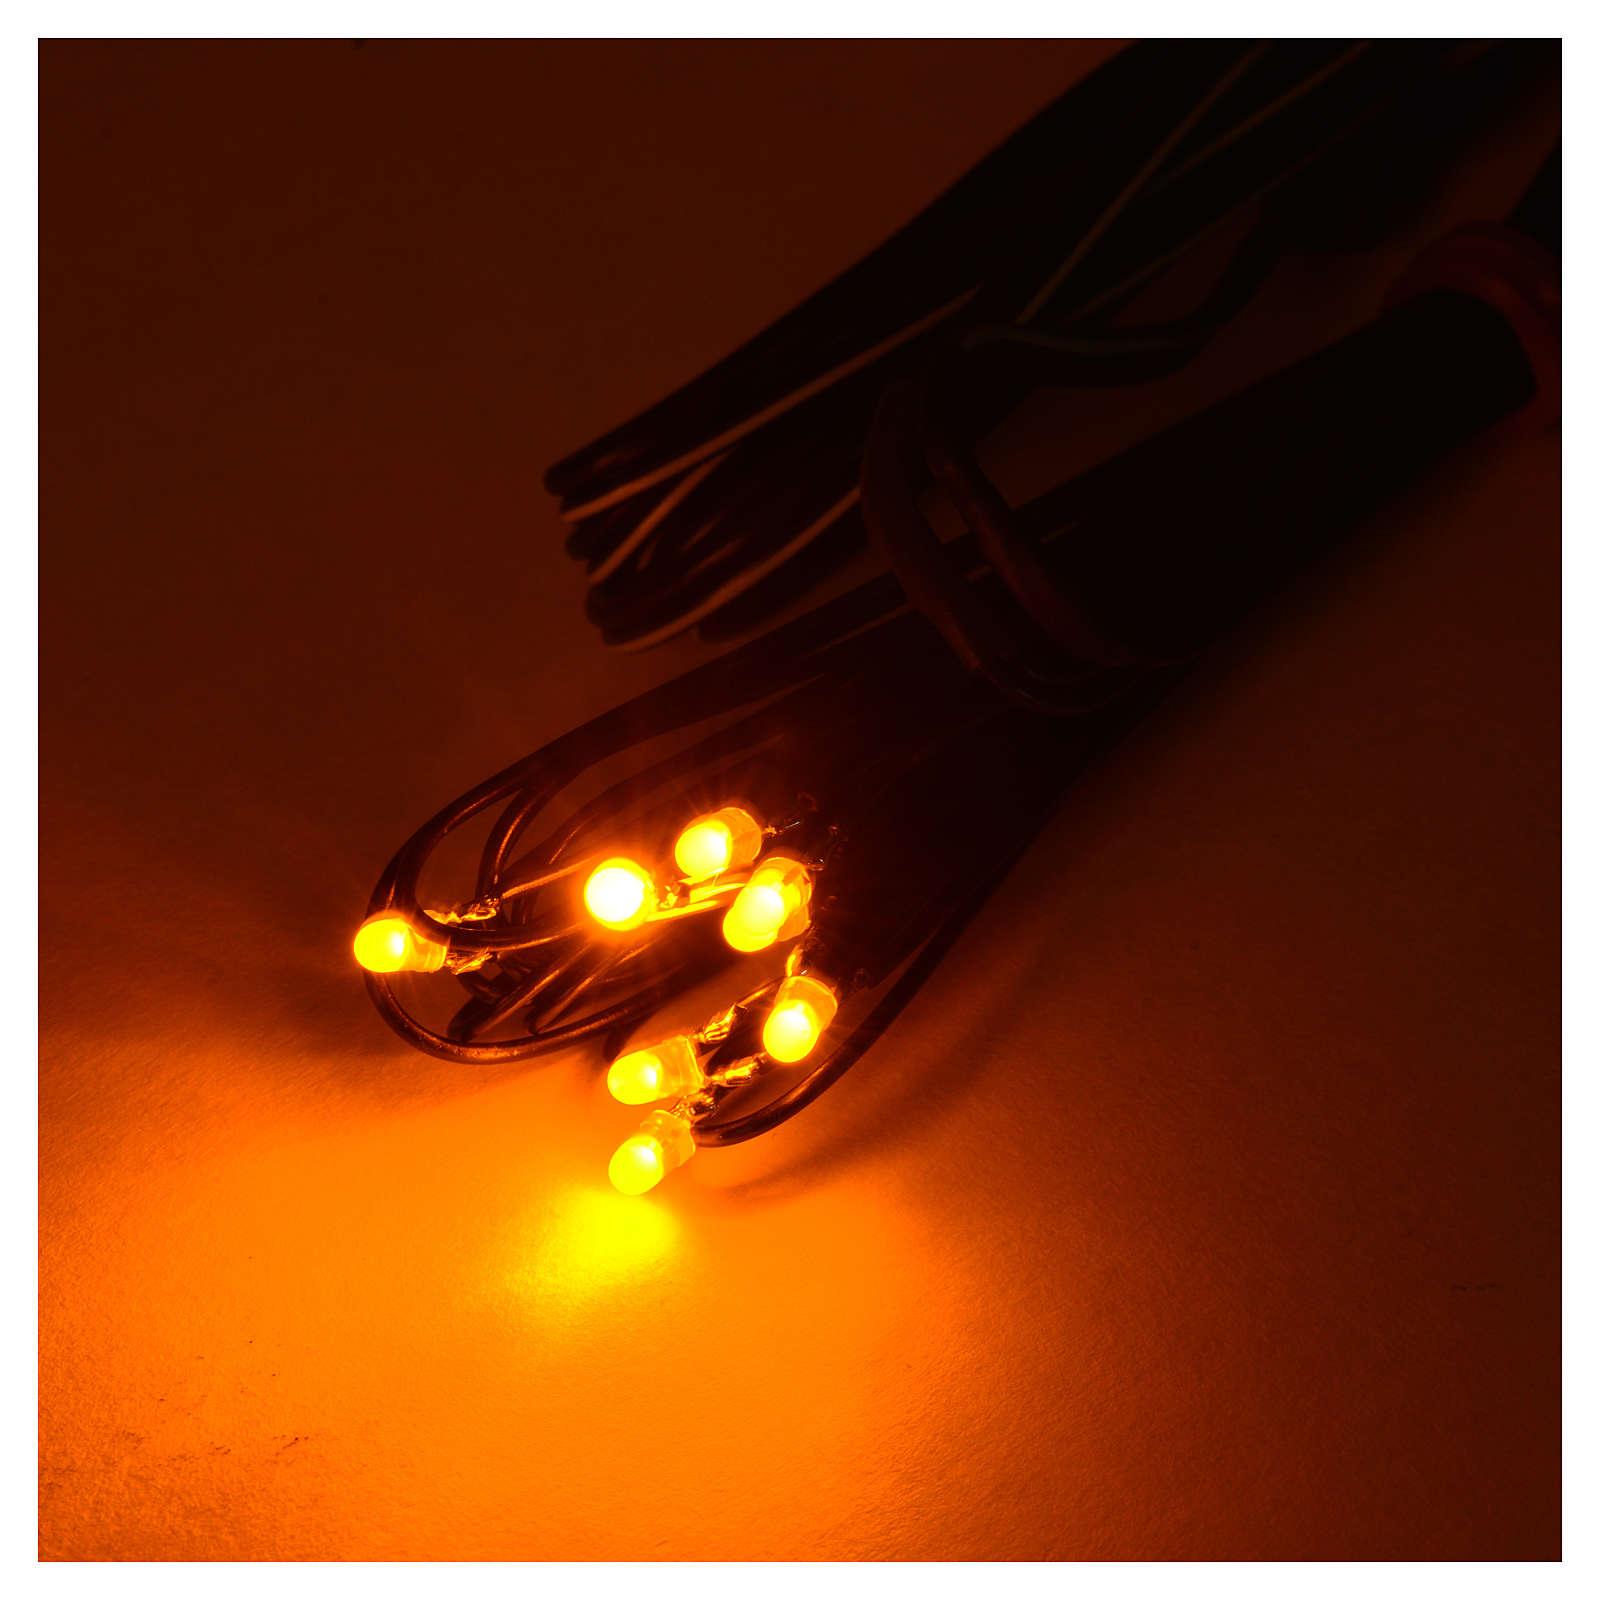 LED iluminación casas centralitas Frisalight 4